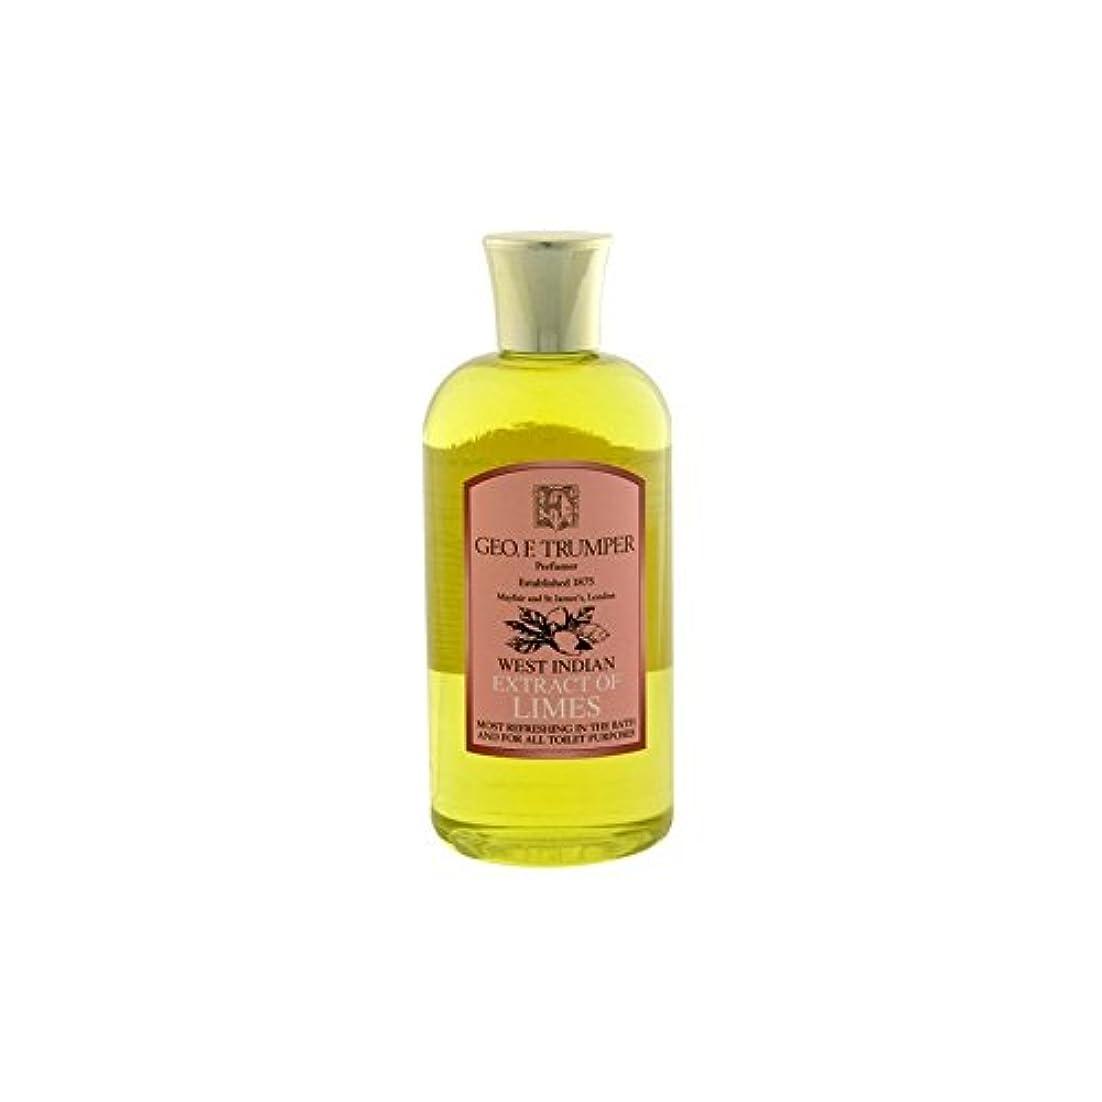 行くパレード天国ライムのバス&シャワージェル - 500ミリリットル旅 x4 - Trumpers Limes Bath & Shower Gel - 500ml Travel (Pack of 4) [並行輸入品]